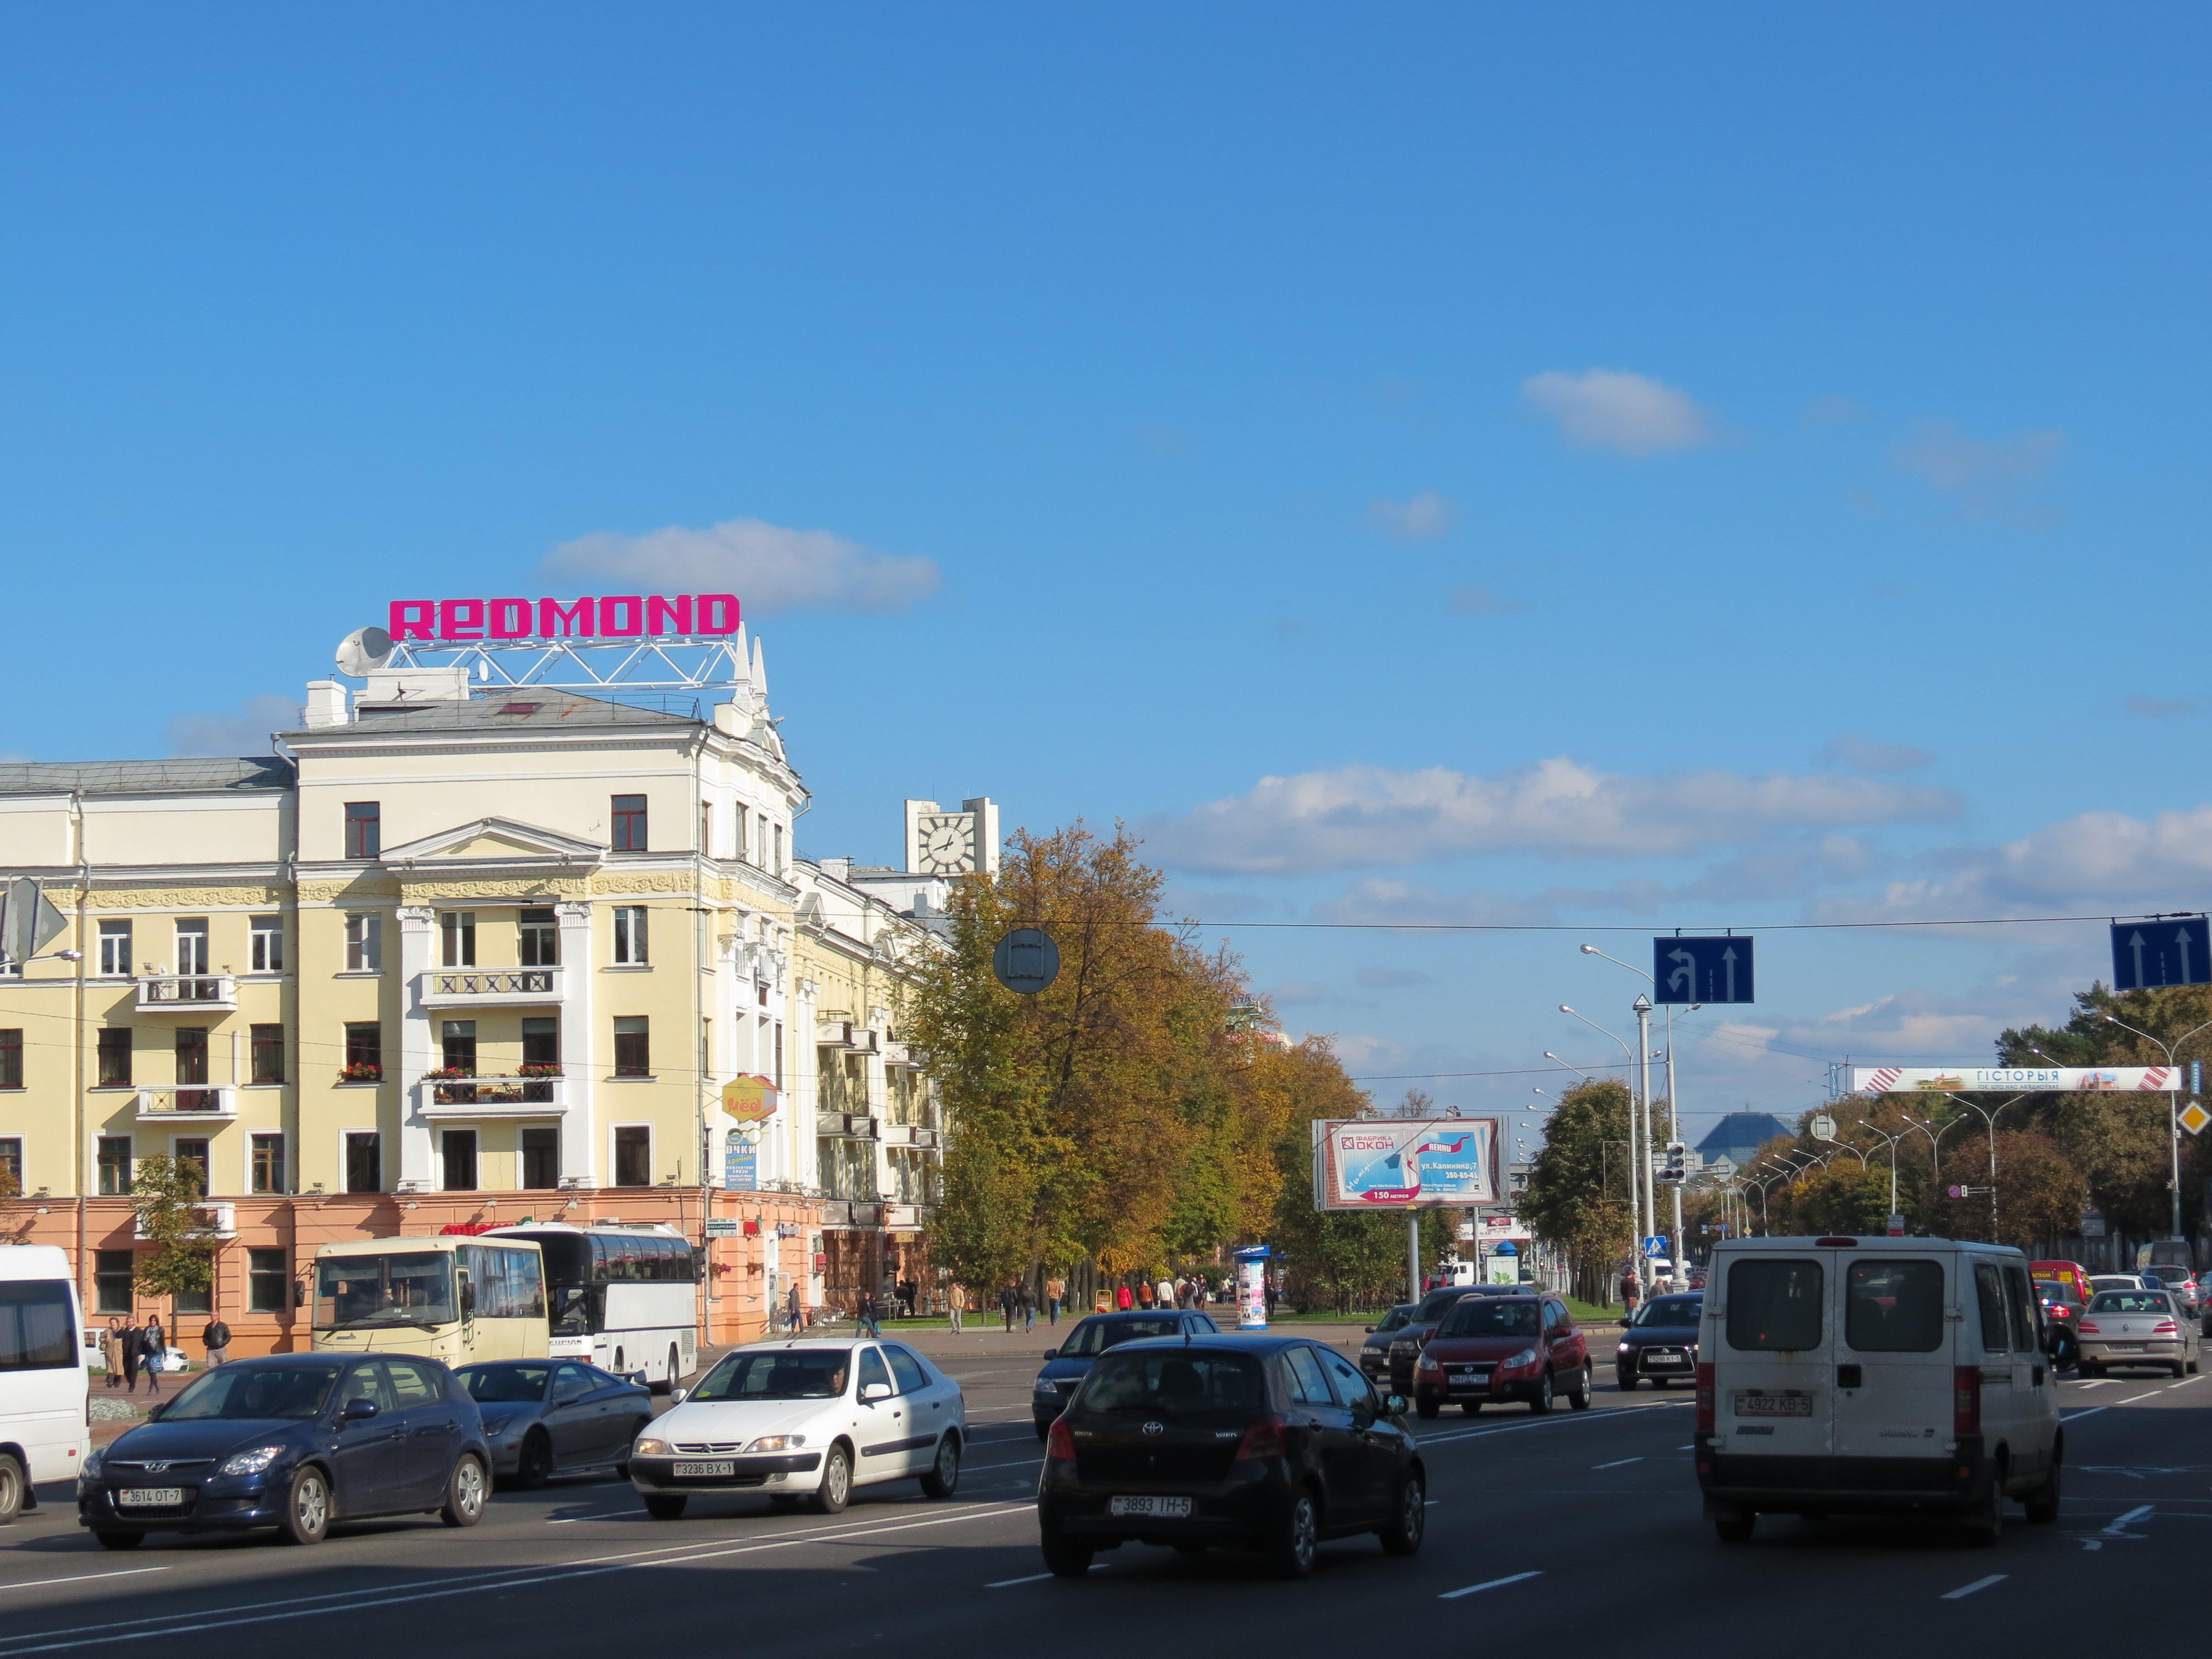 Рекламная установка на крыше здания